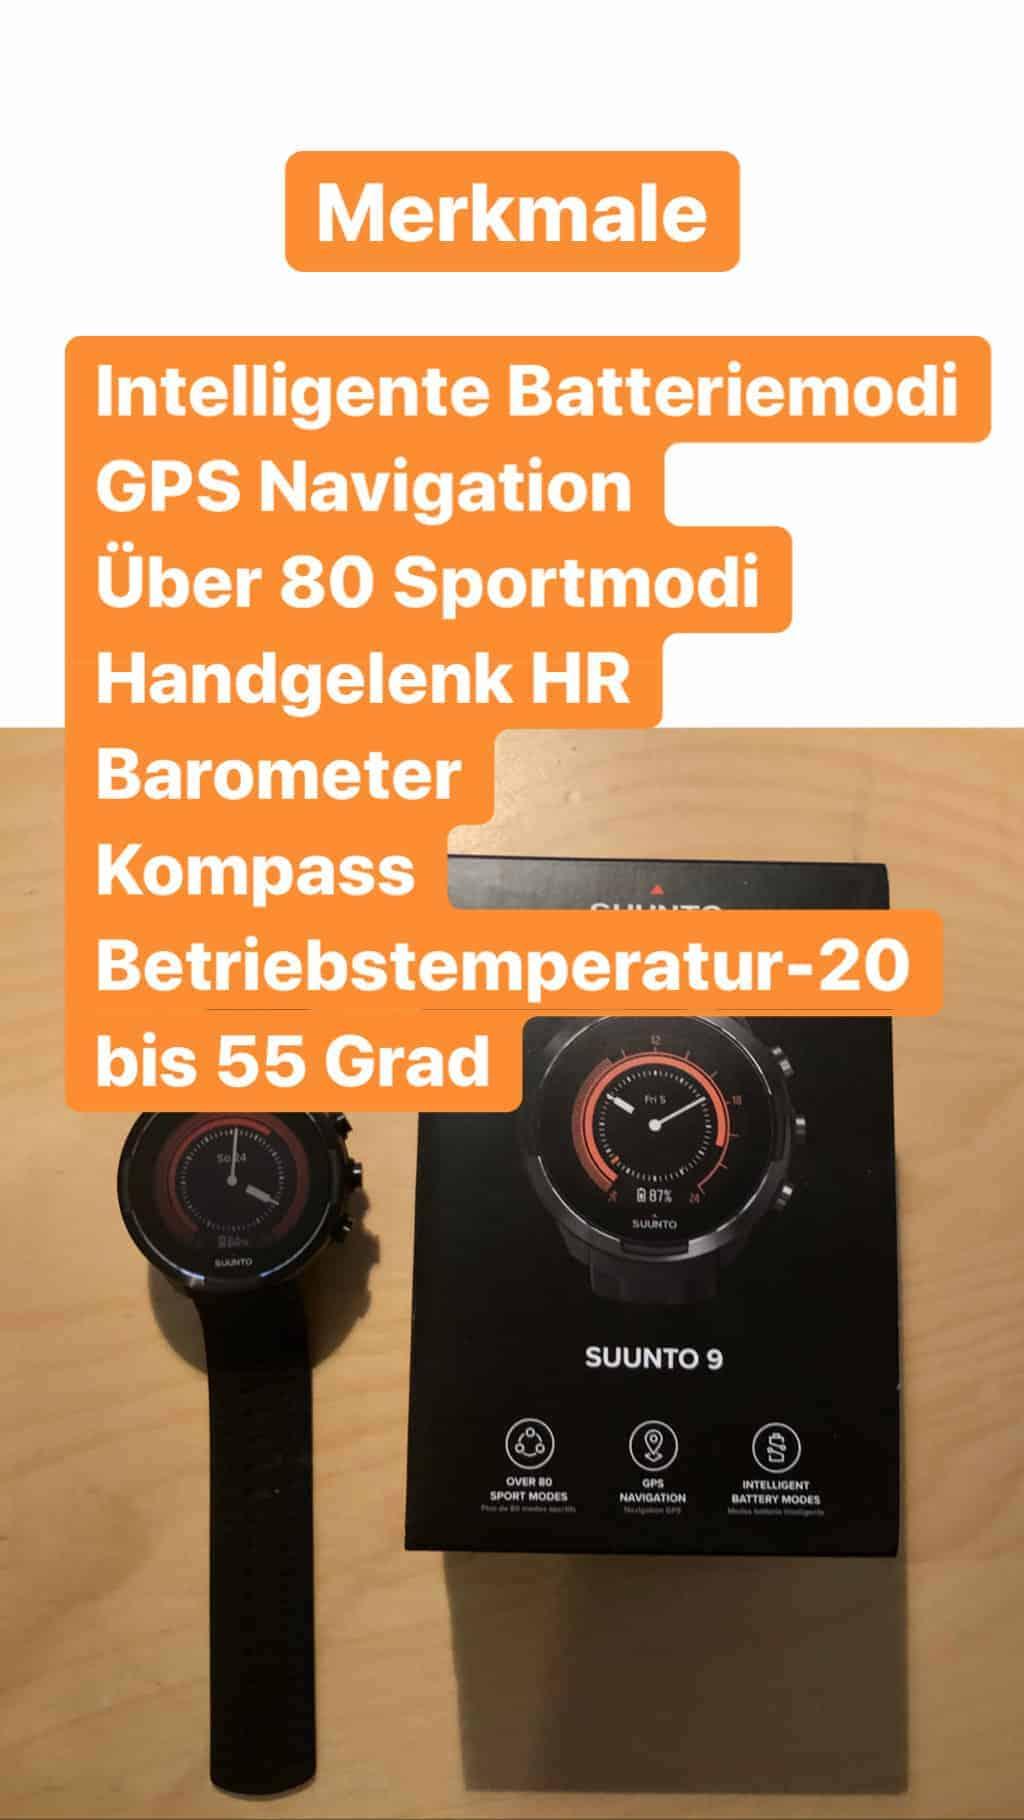 610C4976 8259 44F6 8A16 1EFACFC16BDB - Suunto Baro 9 -die perfekte Uhr für Bergsteiger?